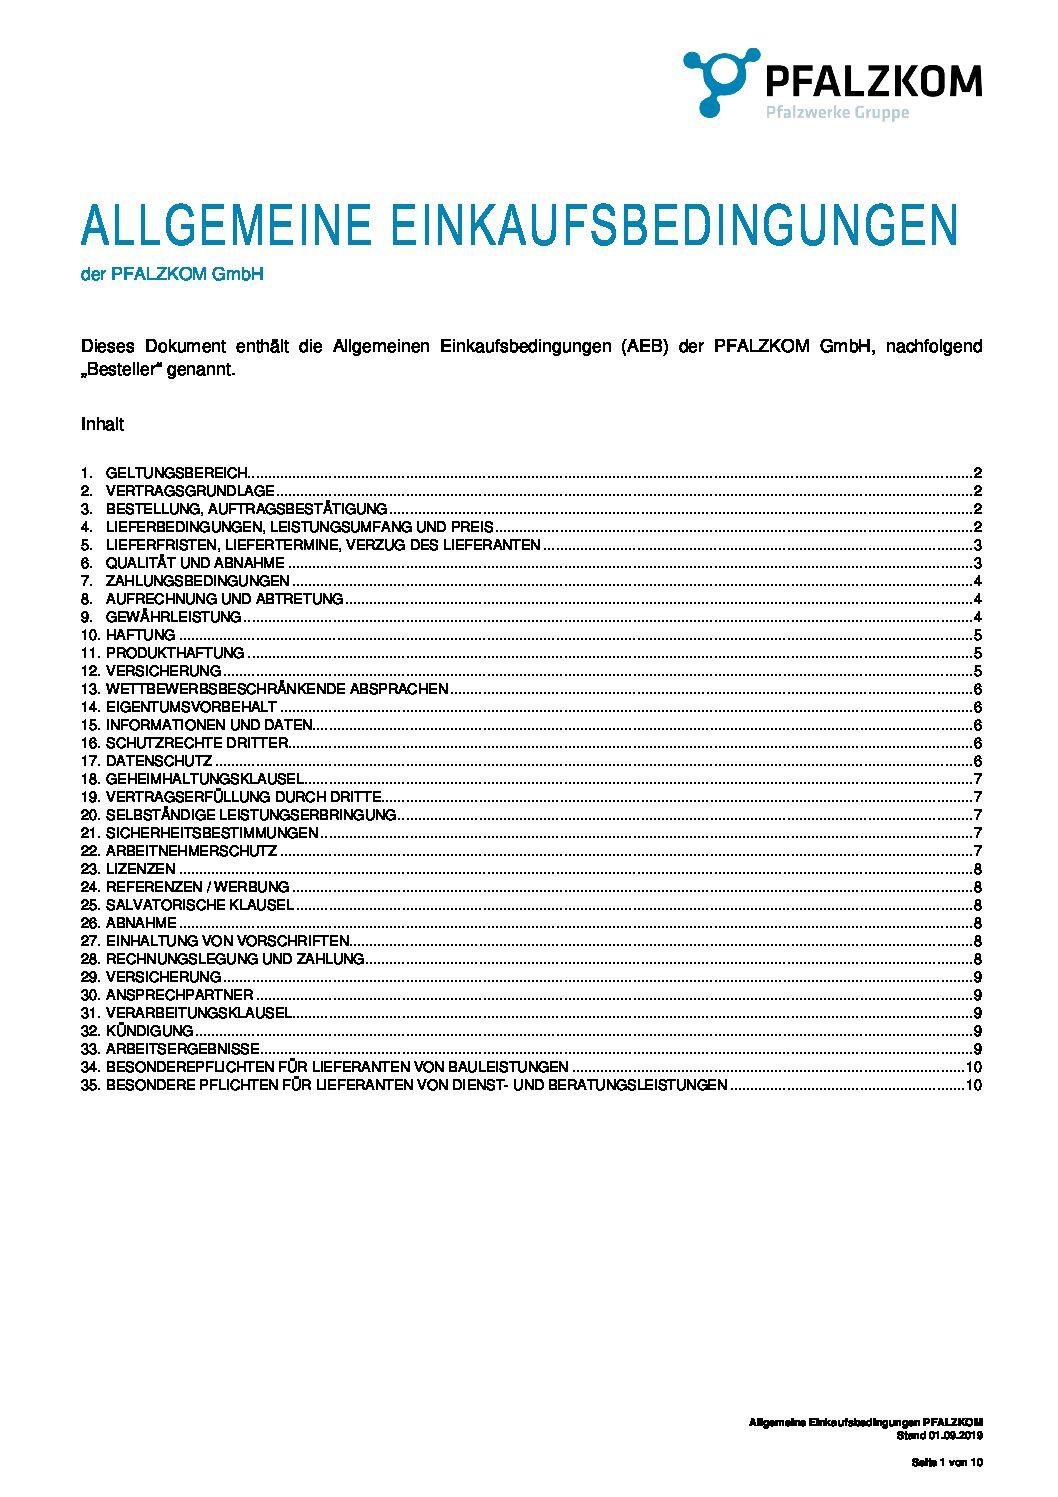 Einkaufsbedingungen PFALZKOM GmbH